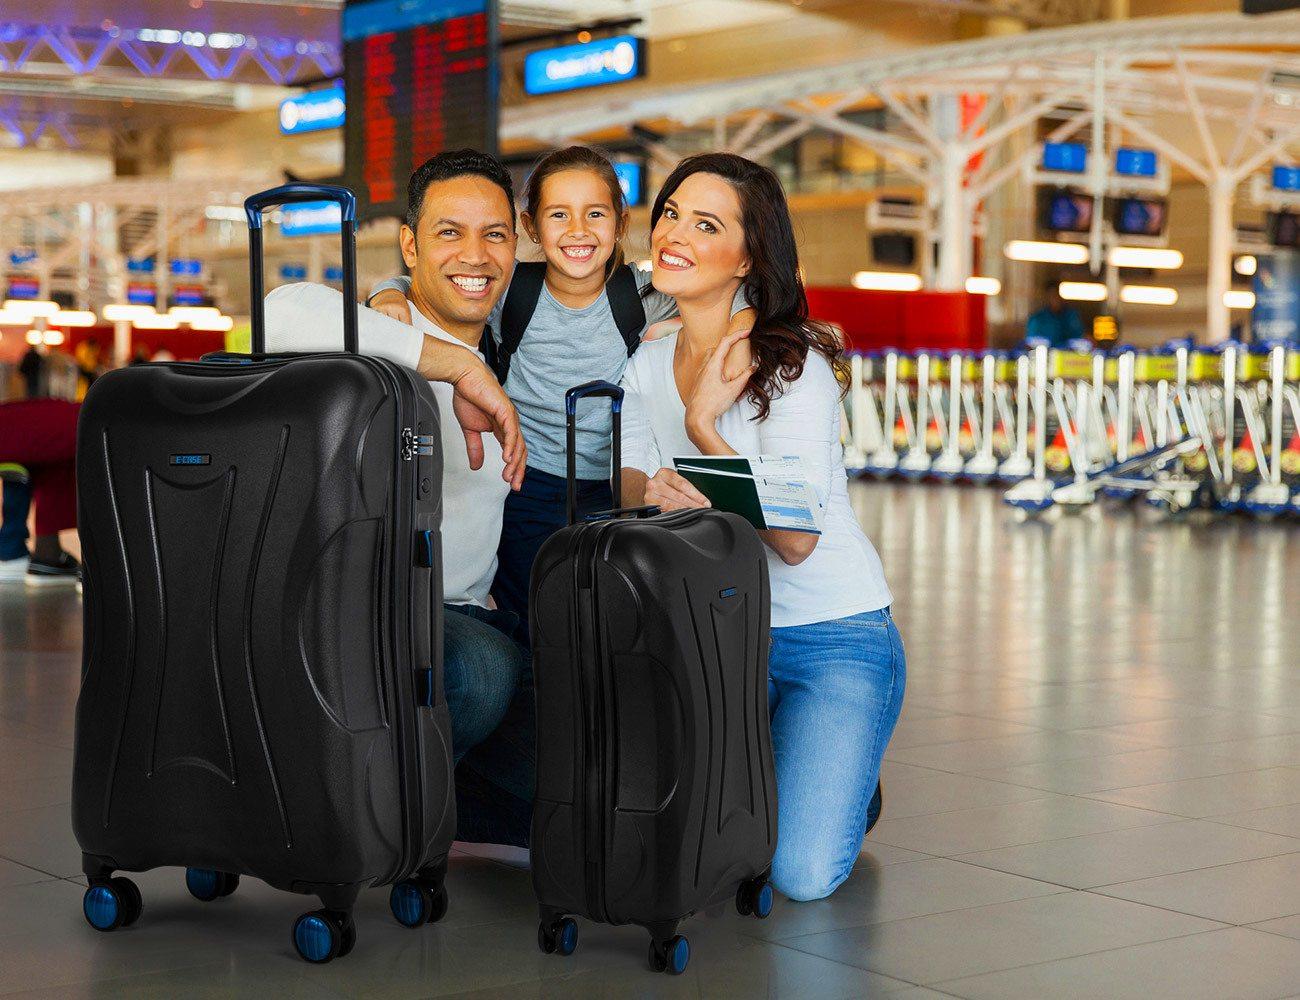 E-CASE Smart Check-In Luggage